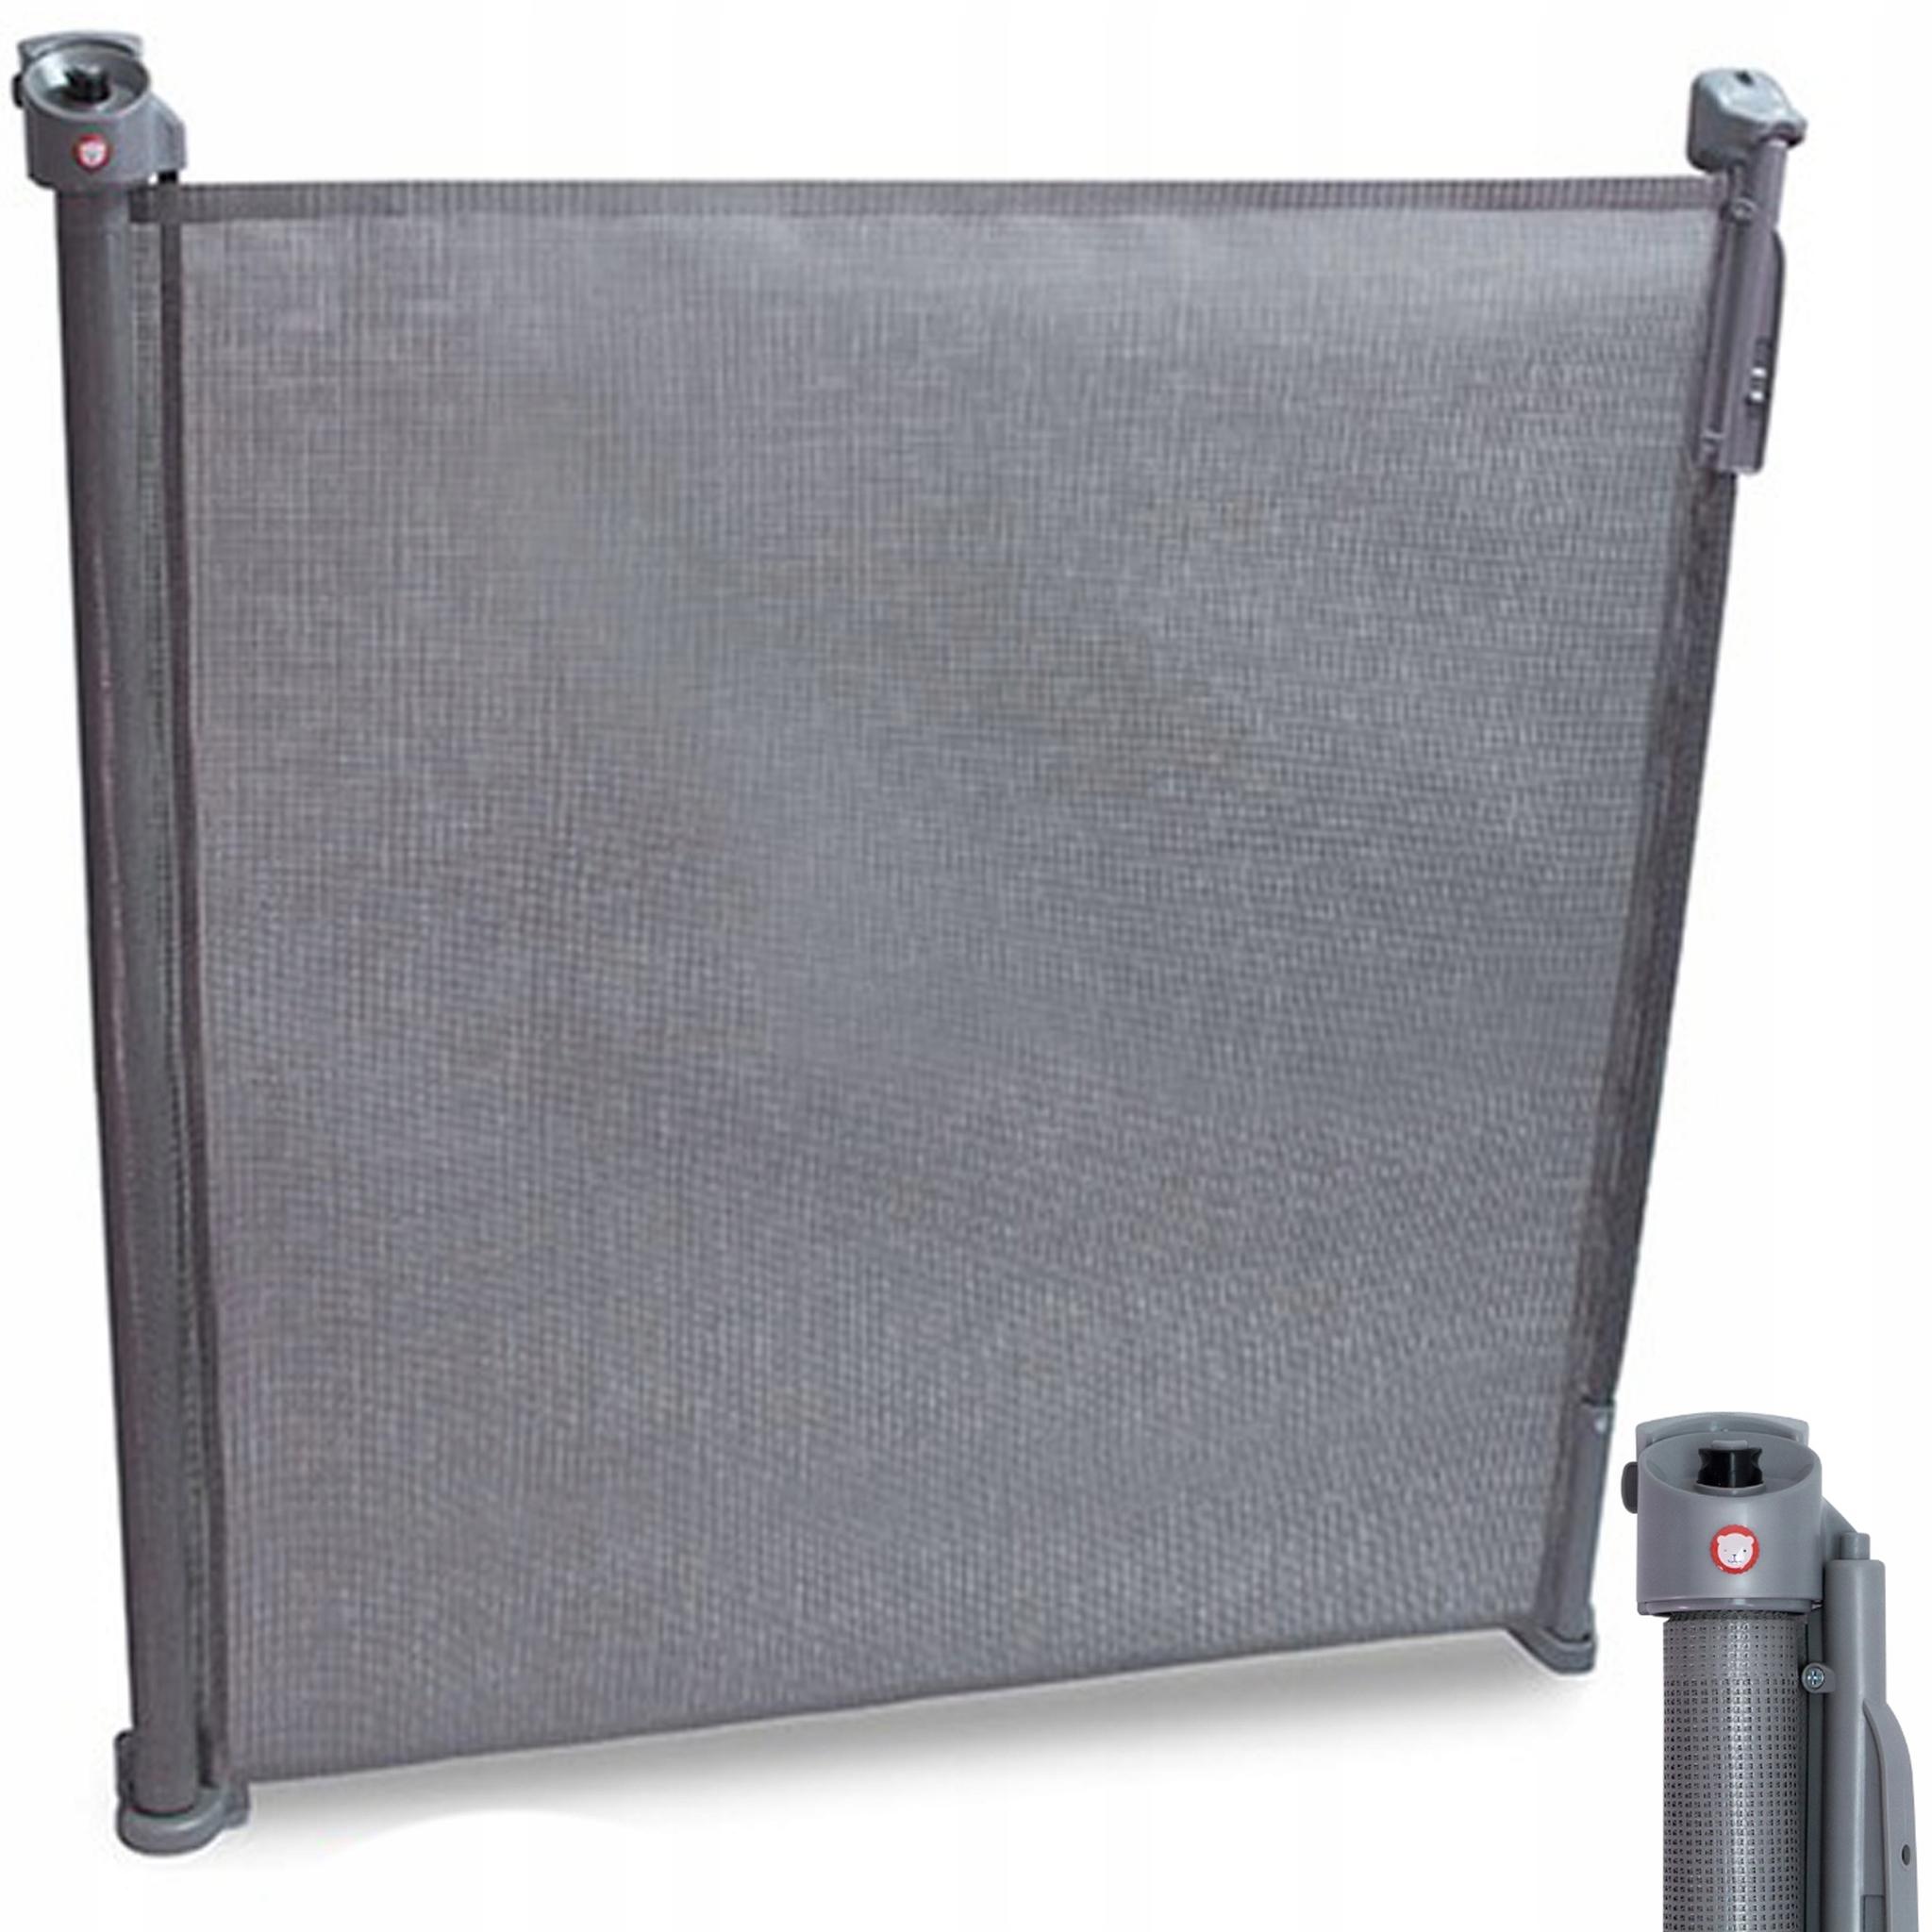 Ворота безопасности Lionelo  LO-Tulia Grey до 140 см  (уценка)